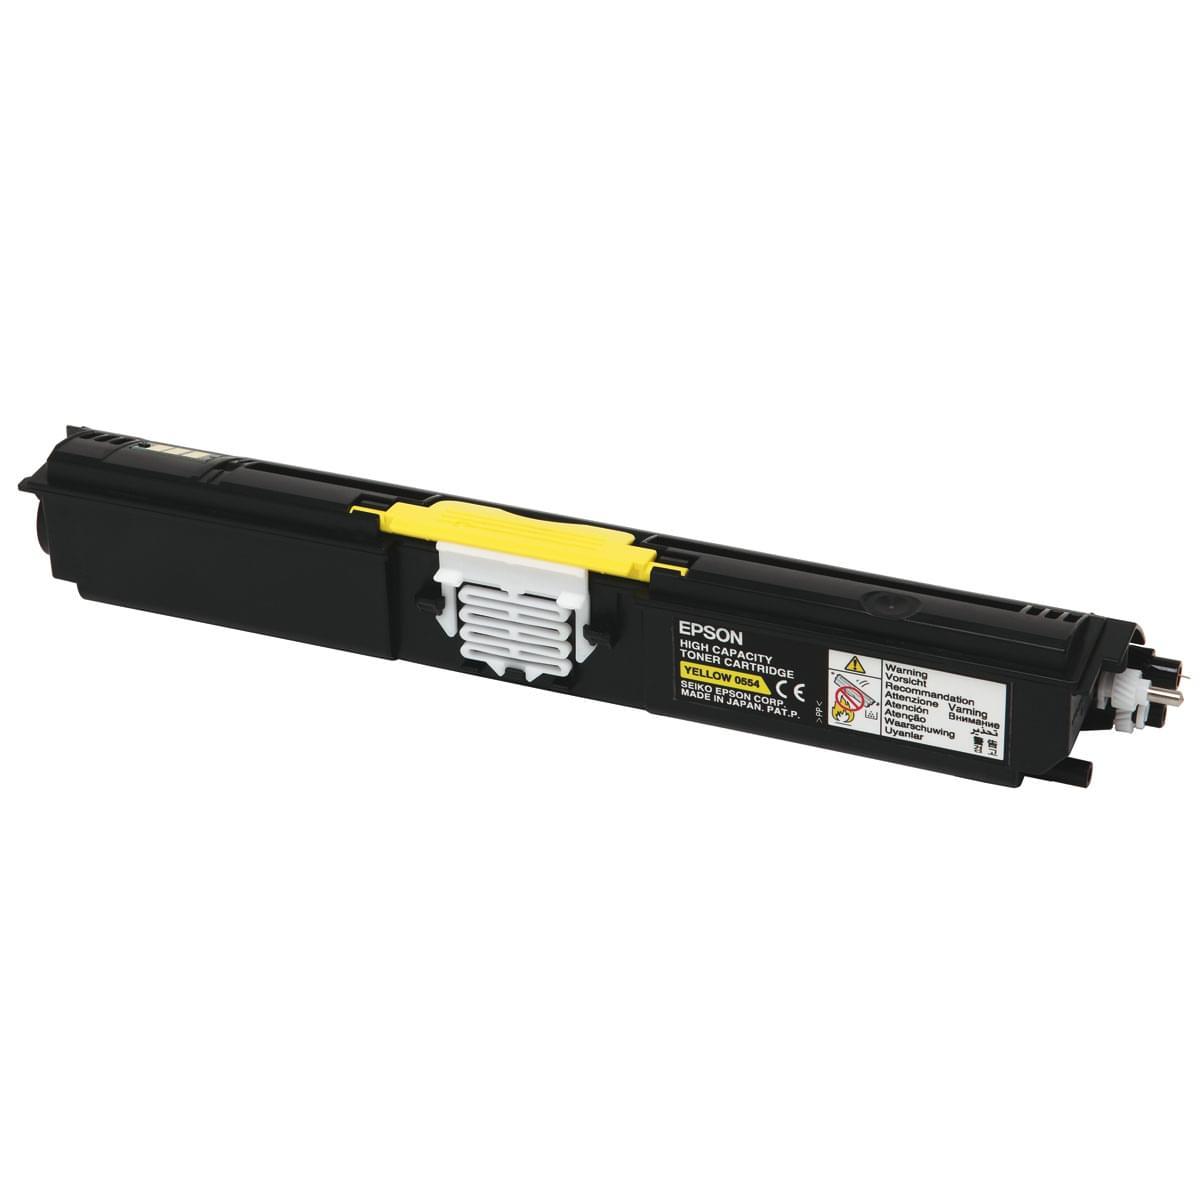 Toner Jaune Haute Capacite 2700p - C13S050554 pour imprimante Laser Epson - 0